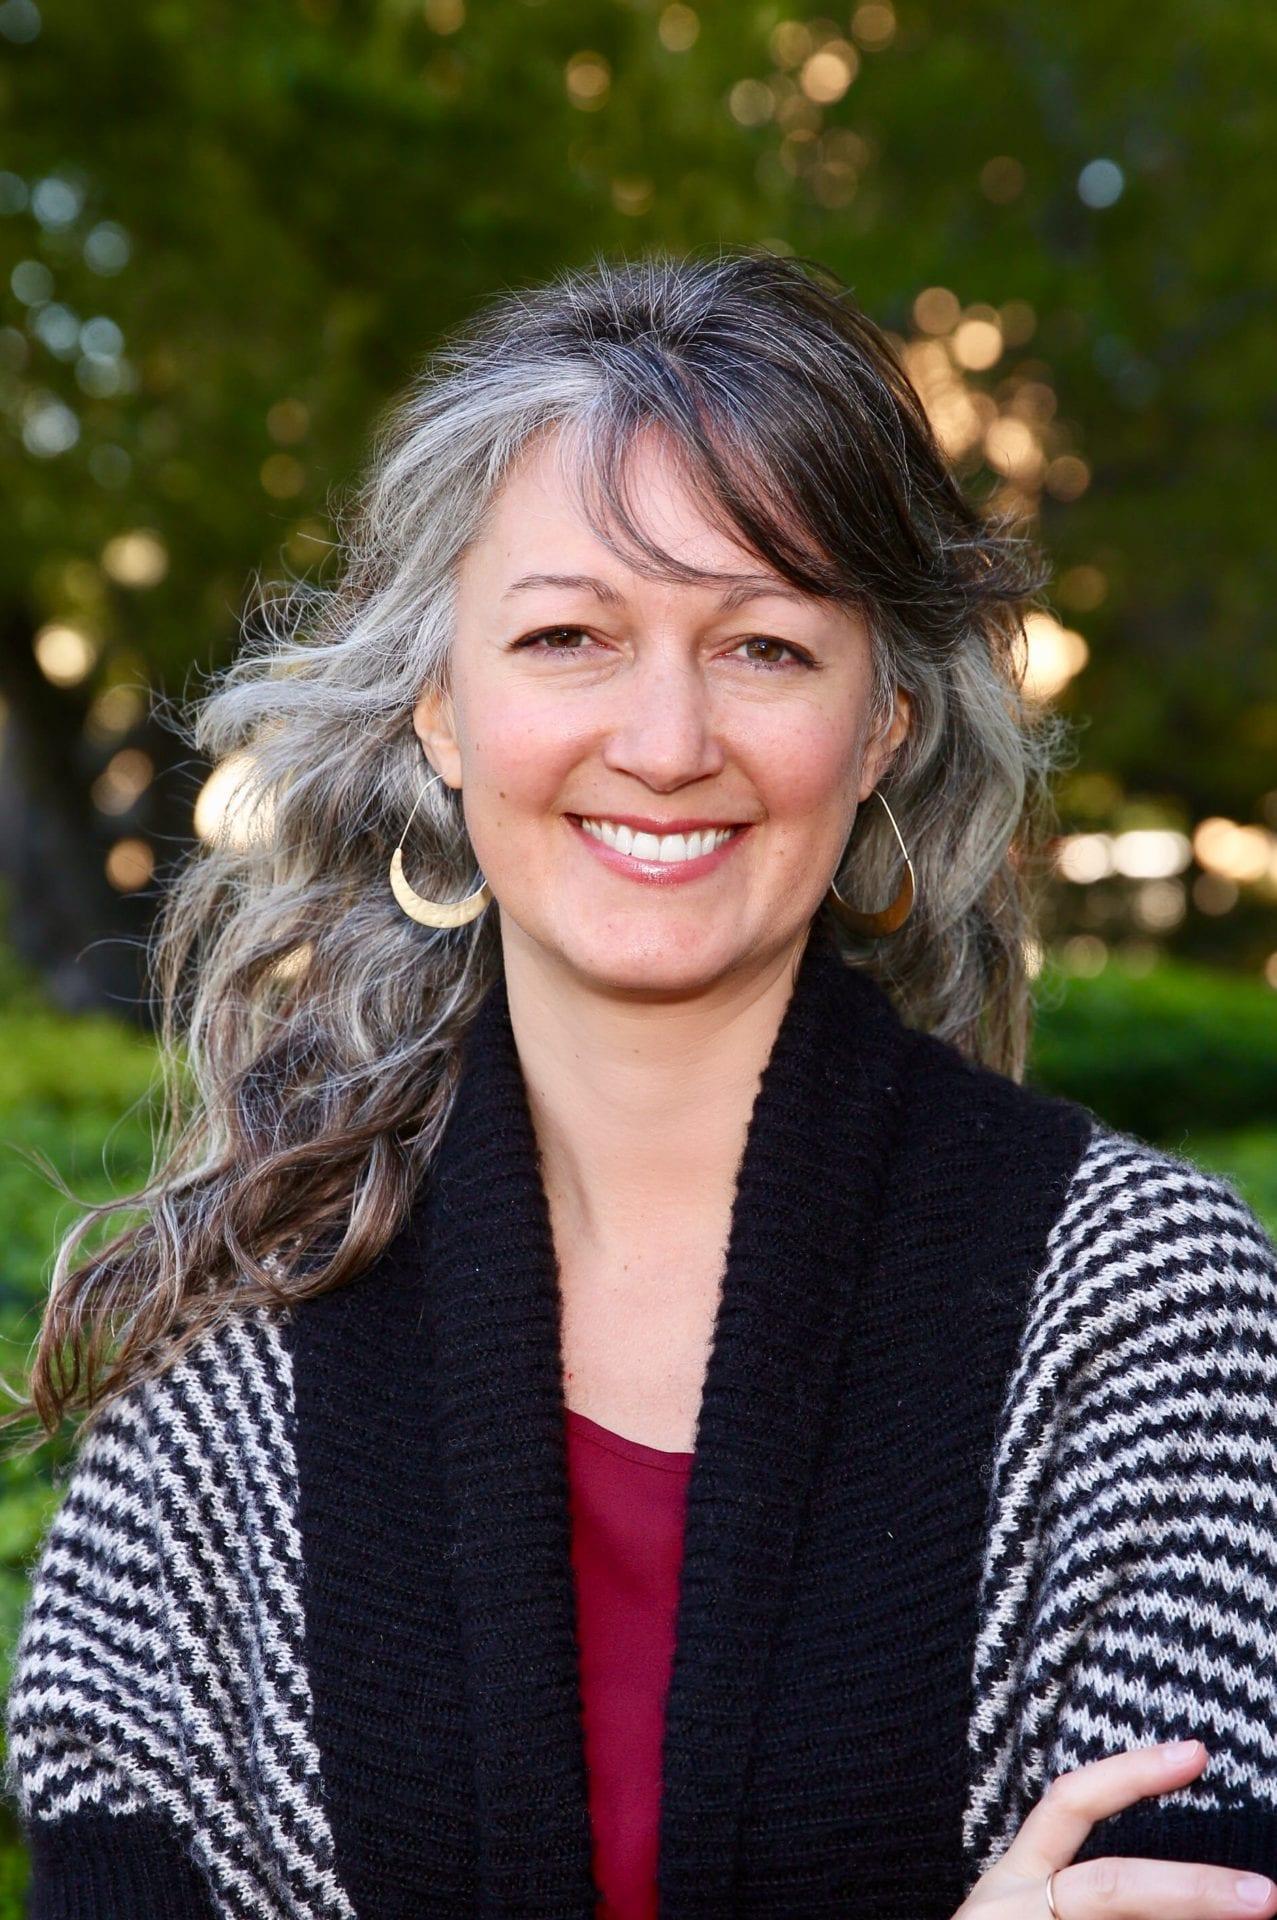 Erica Rosen